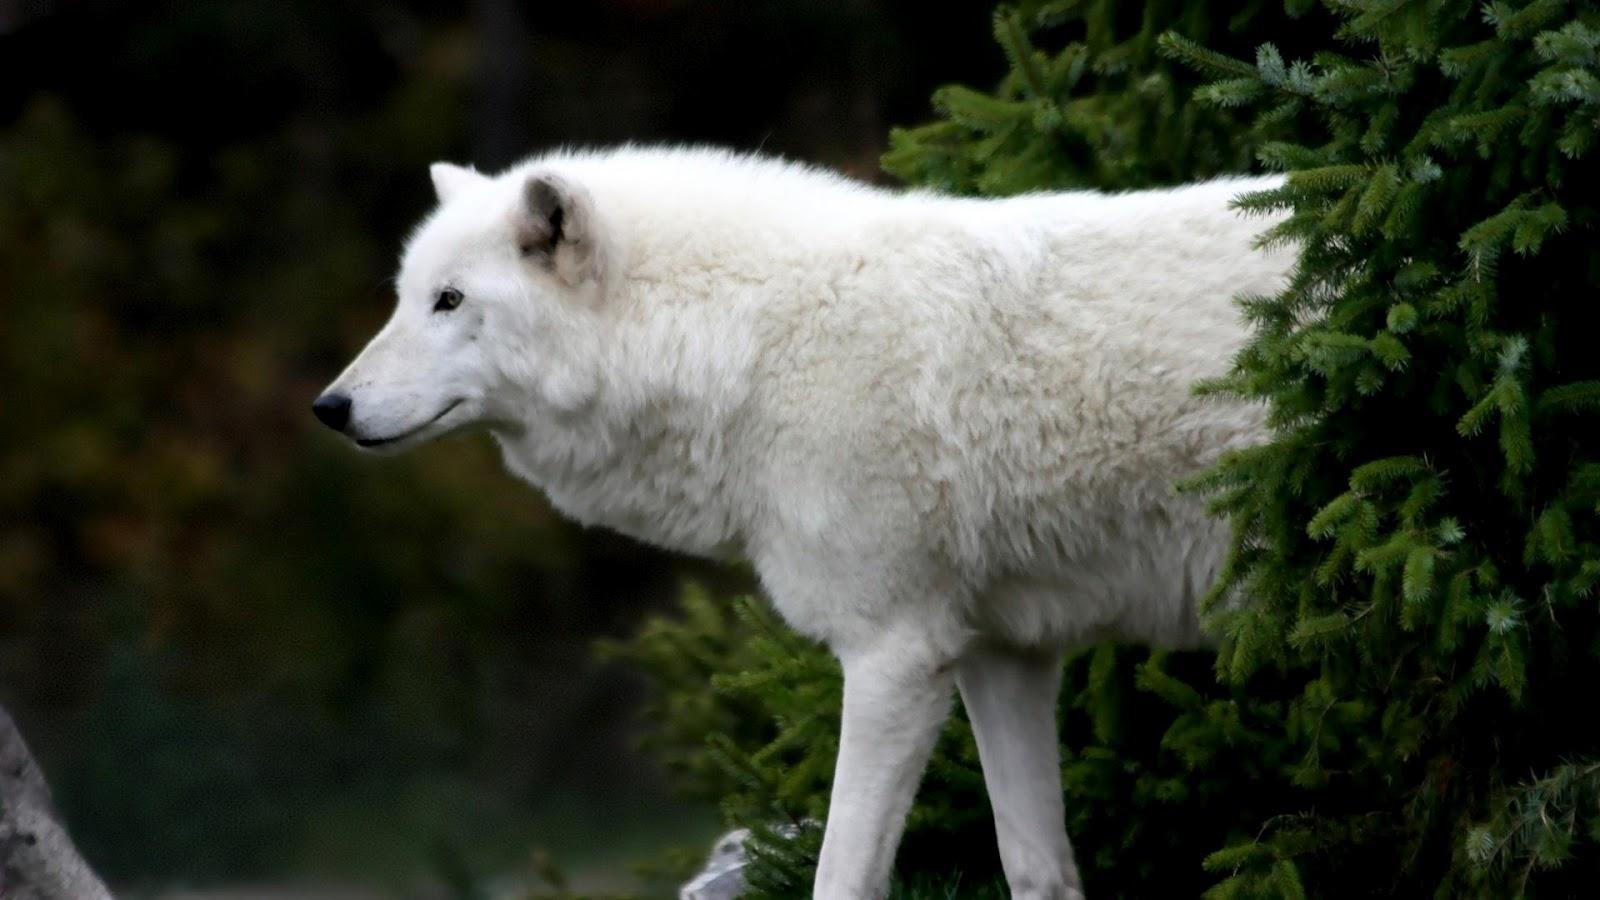 http://2.bp.blogspot.com/--DSU-2inpxc/T8cpbxJcLpI/AAAAAAAAaNA/PUfUVthW9gM/s1600/arctic_wolf_hd-1920x1080.jpg